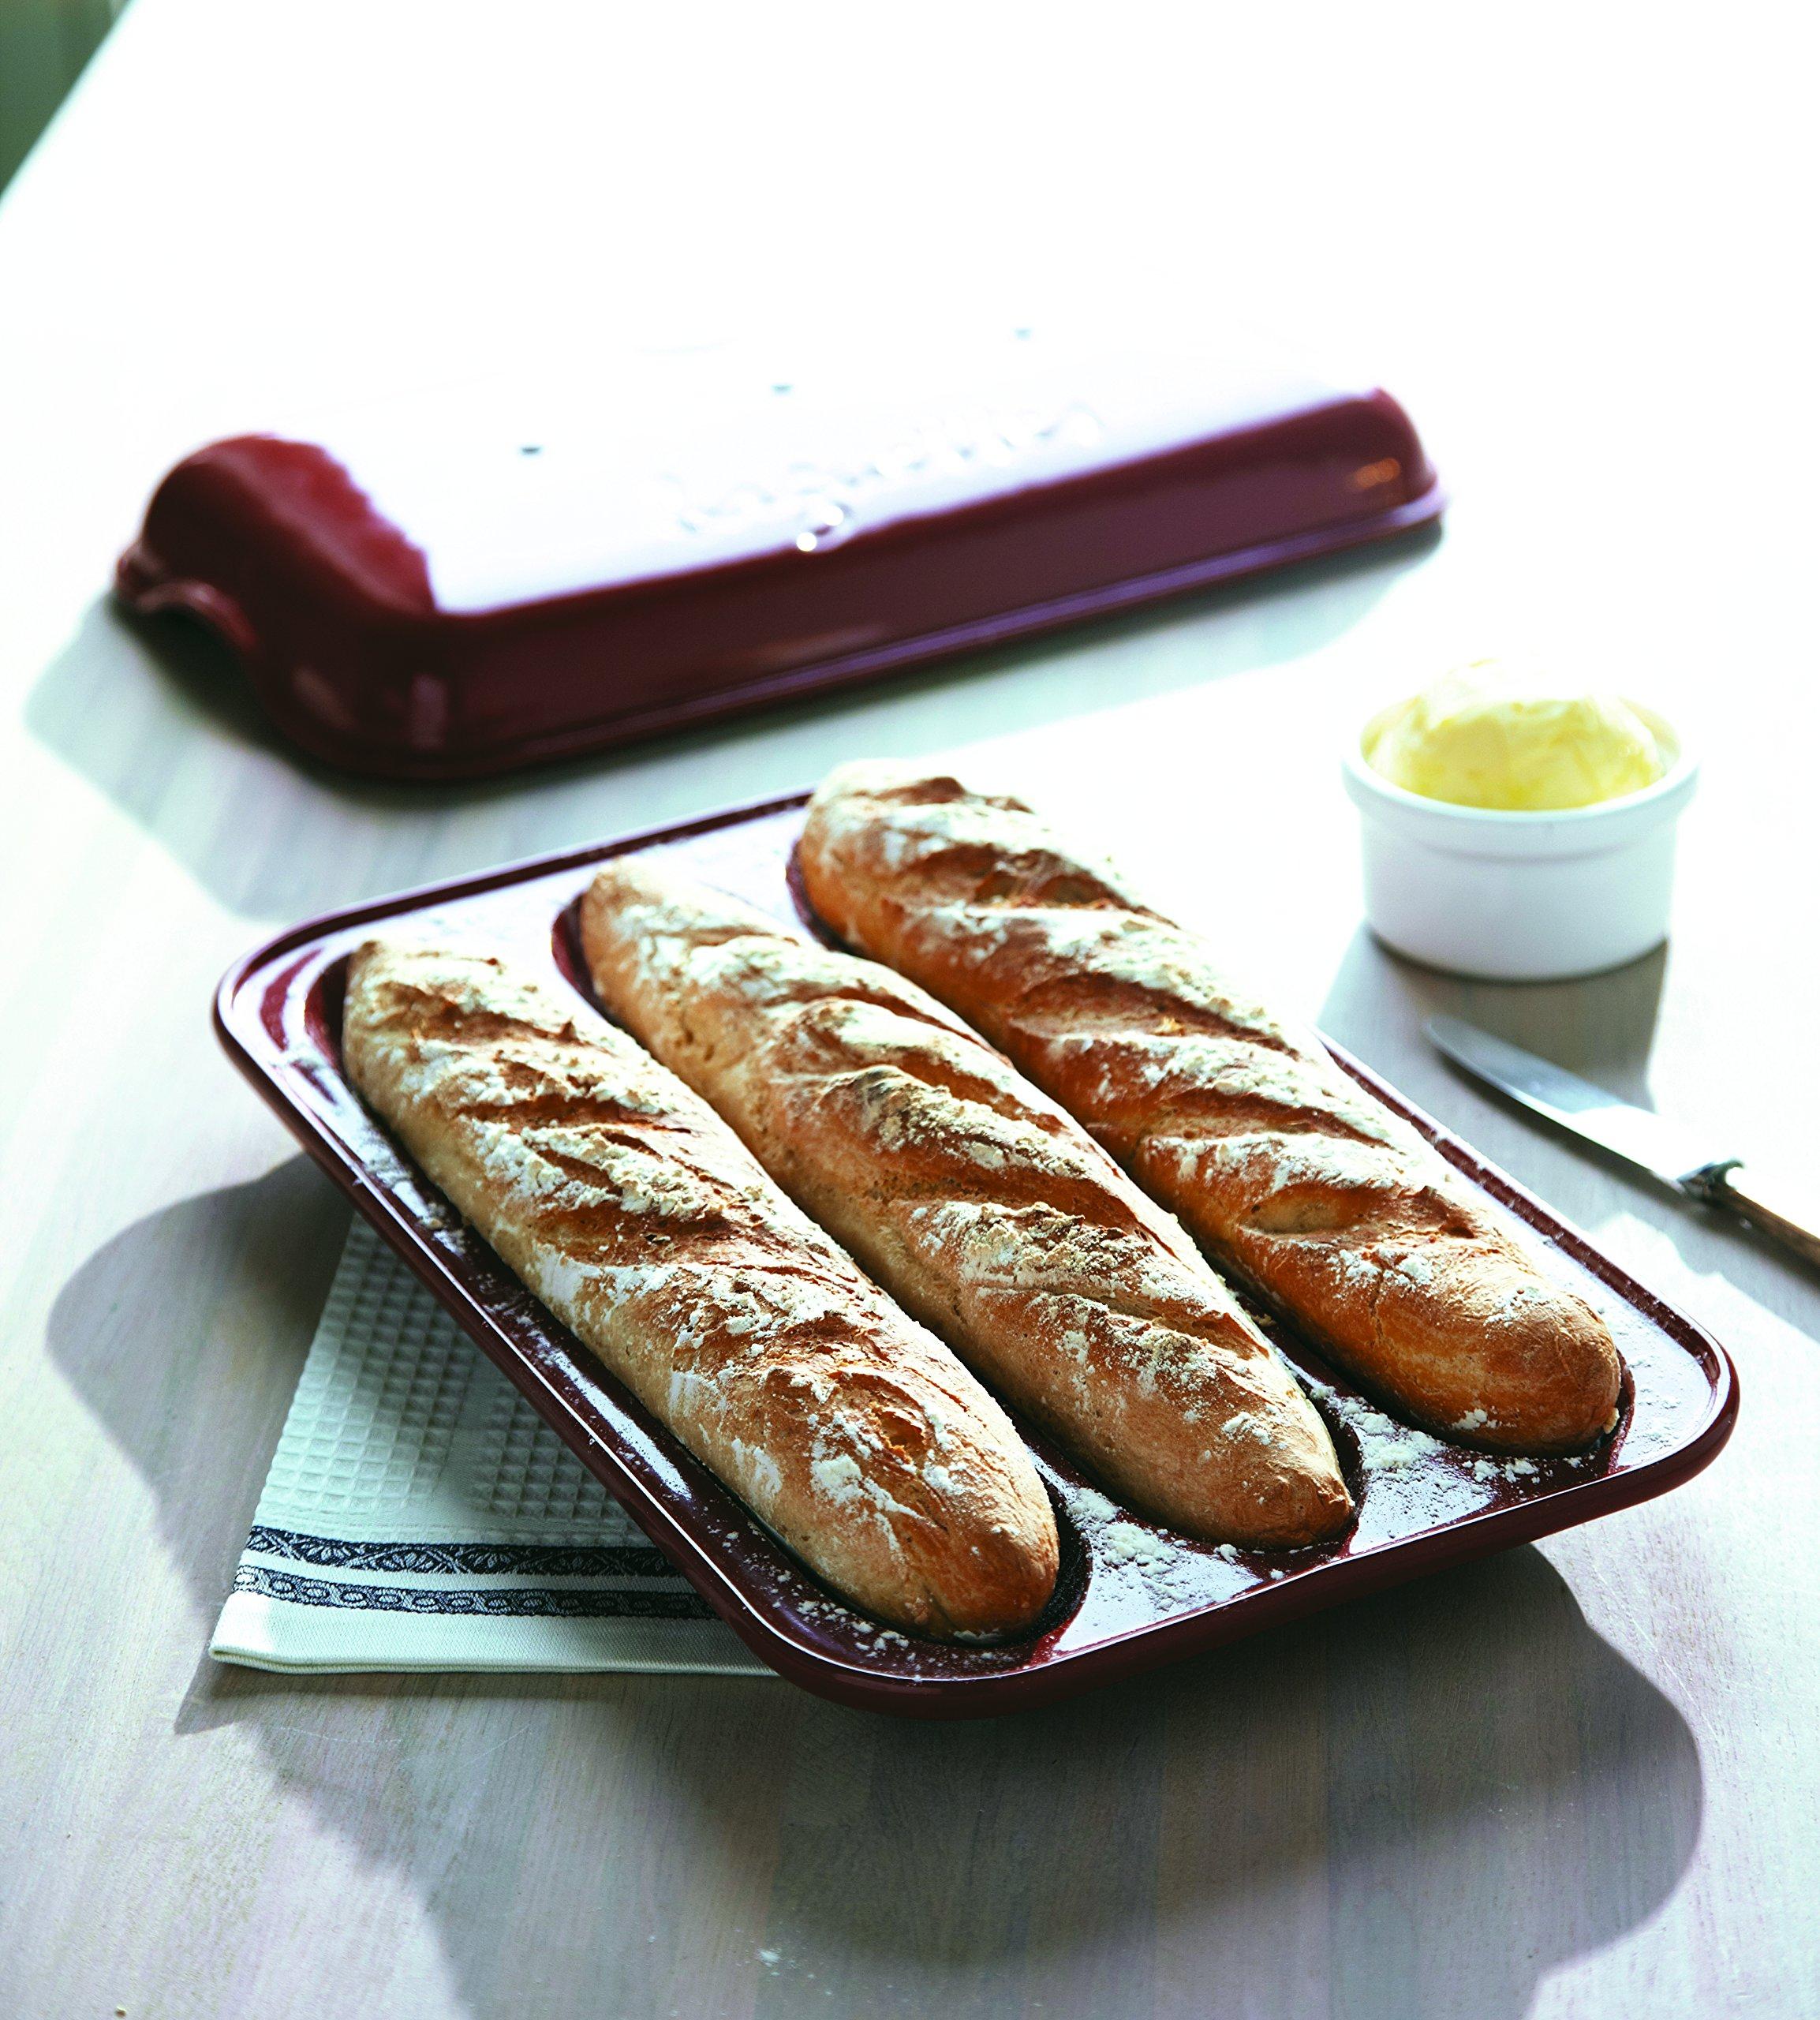 Emile Henry Made In France Baguette Baker, 15.4 x 9.4'''', Burgundy by Emile Henry (Image #7)